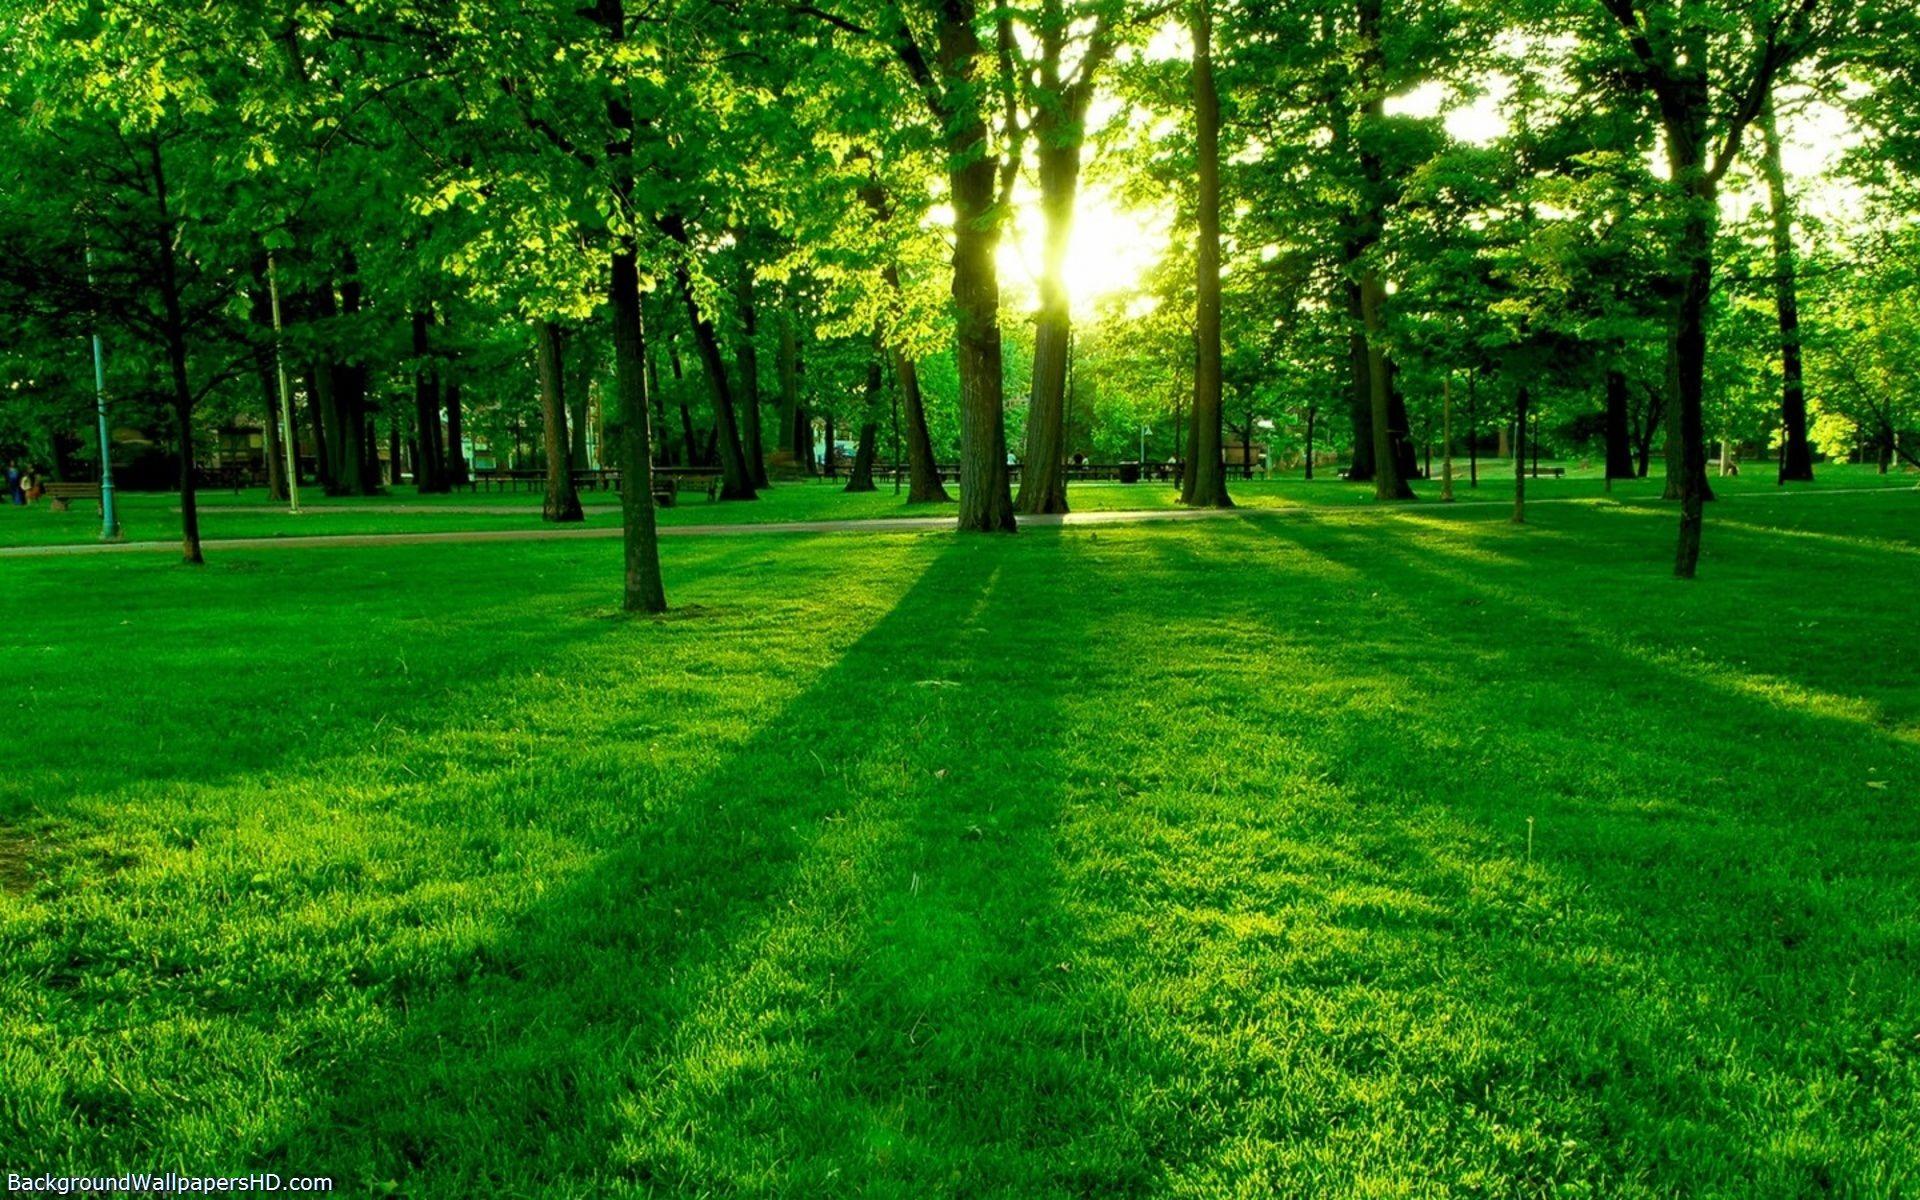 Cool Nature Wallpaper For Dekstop Hd Wallpapers Hd Backgrounds Green Nature Nature Wallpaper Beautiful Nature